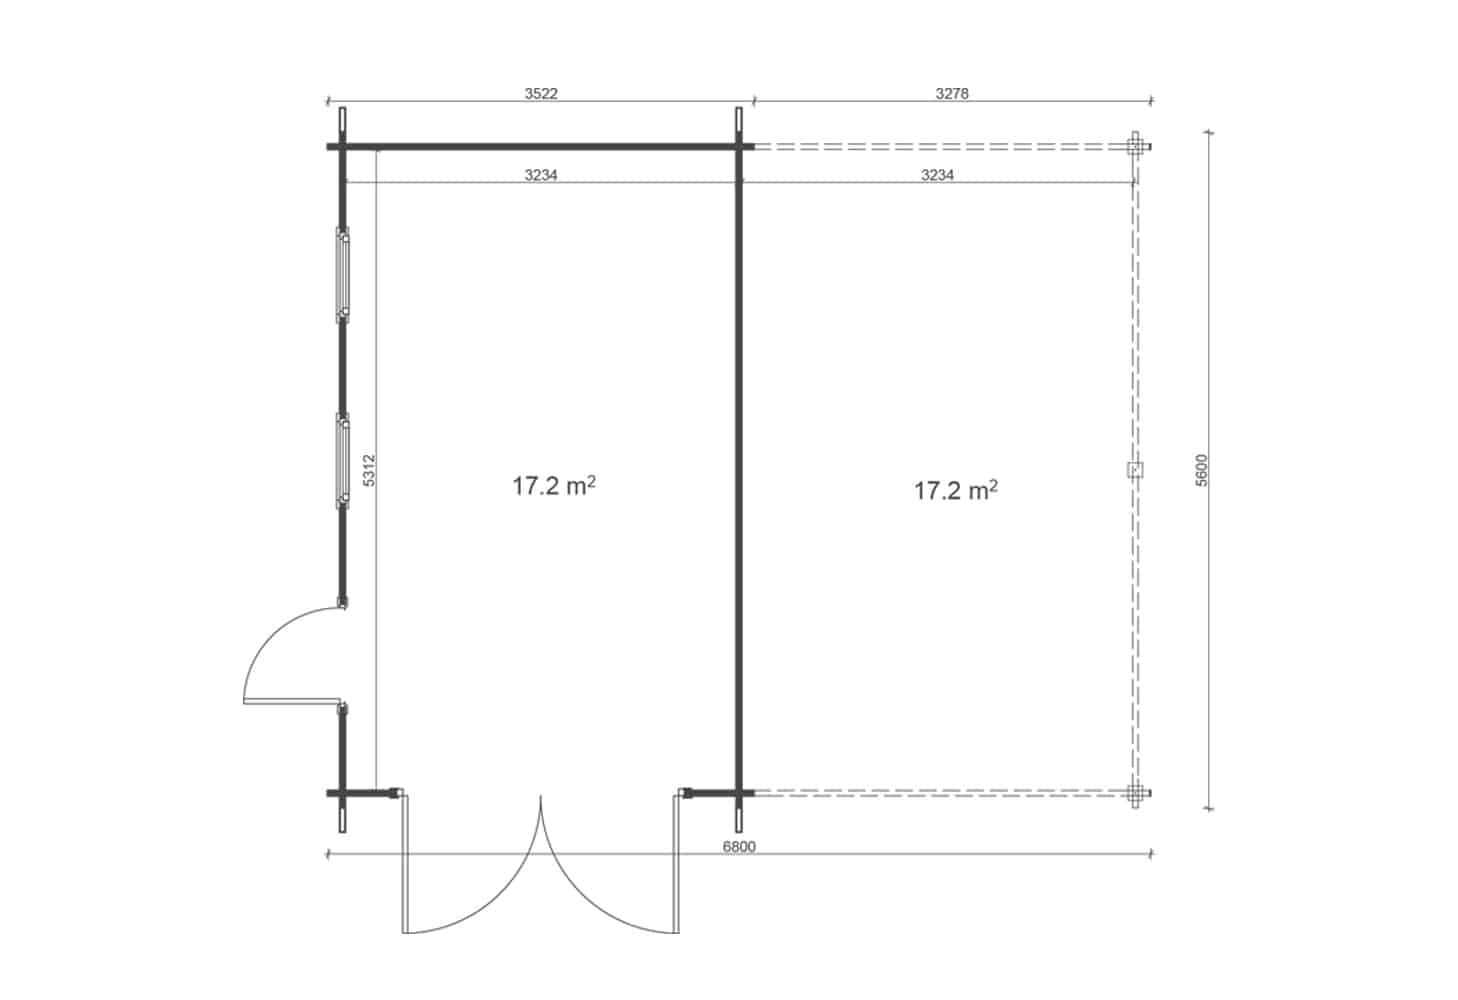 Garage +carport 6,8x5,6 floor plan